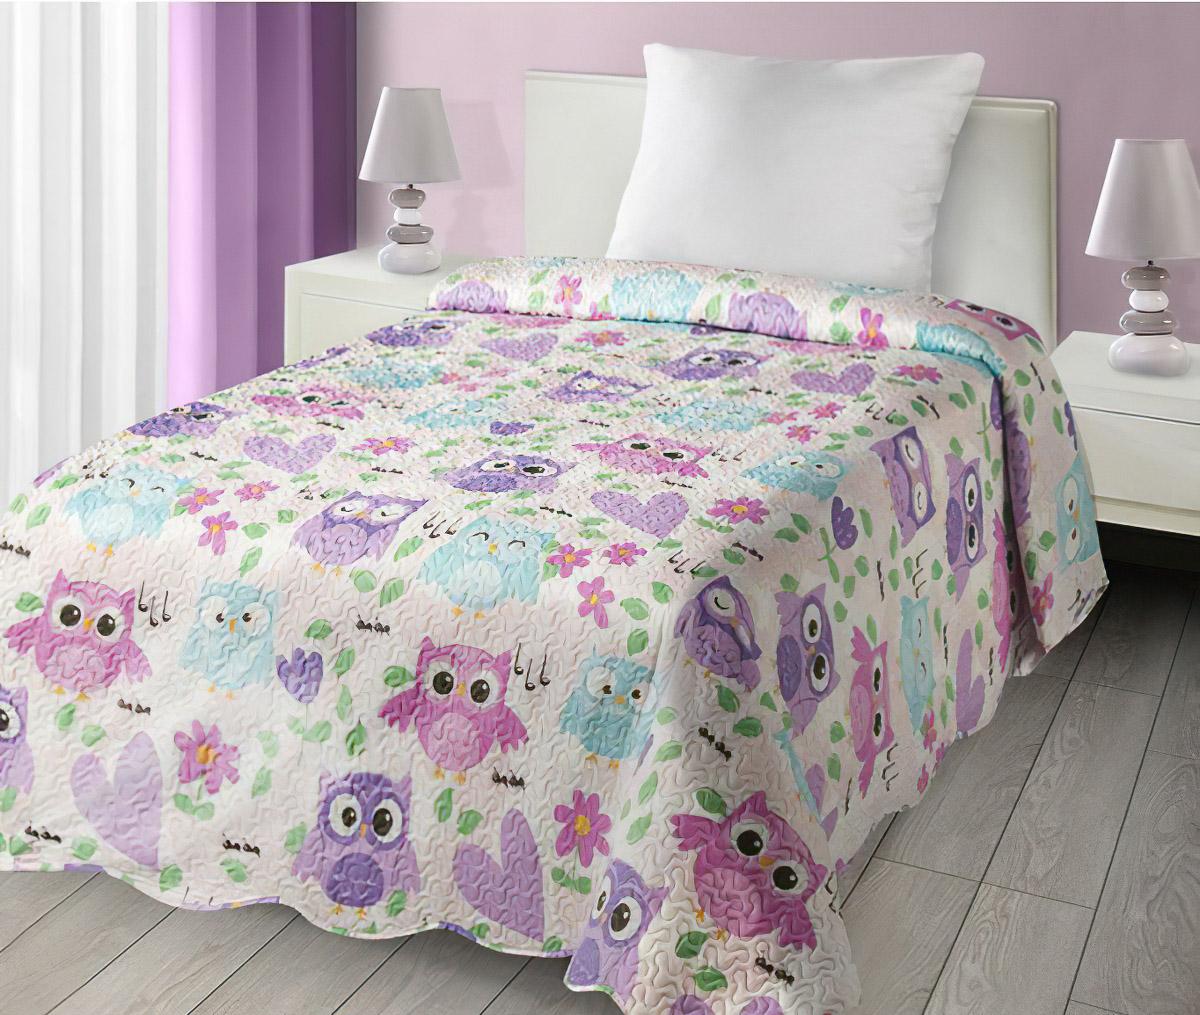 Dětský přehoz na postel DIZZY DĚTSKÝ - SOVIČKY, 170x210cm, jednolůžkový